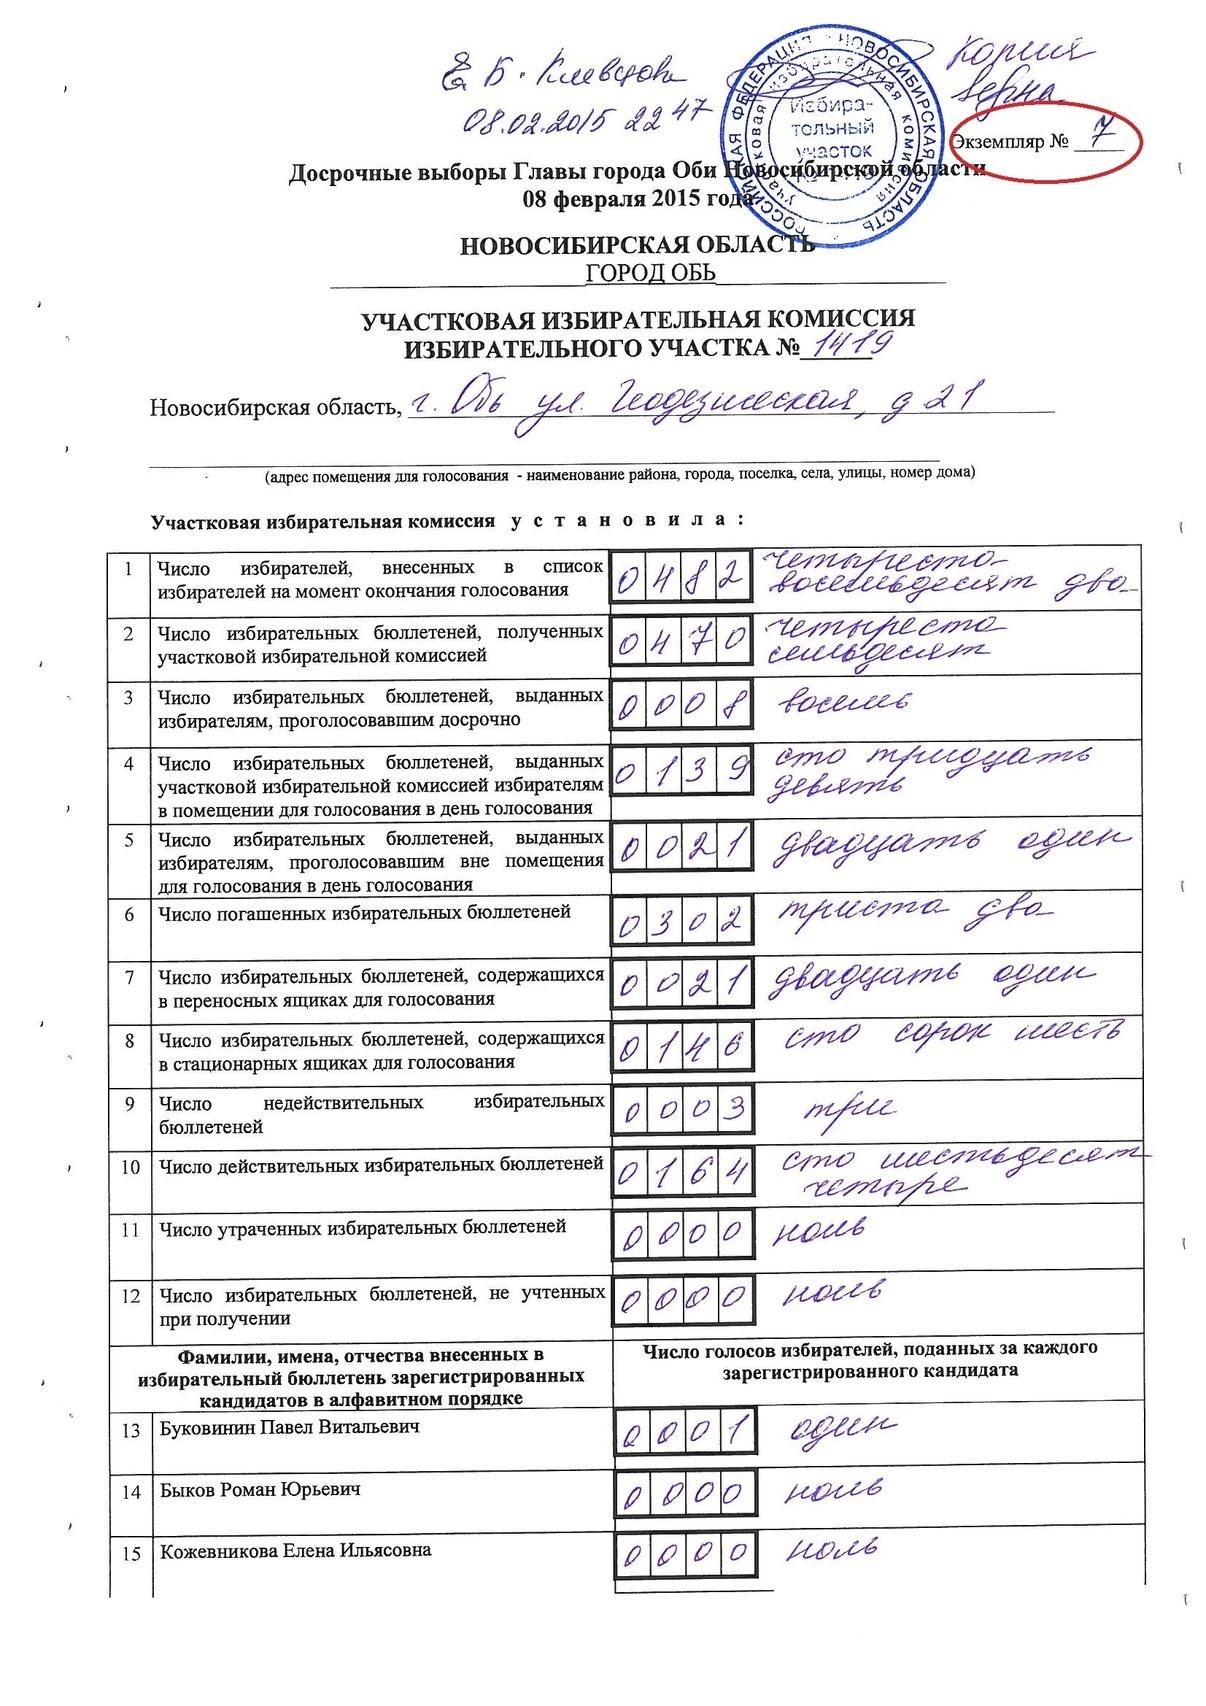 УИК №1419_1